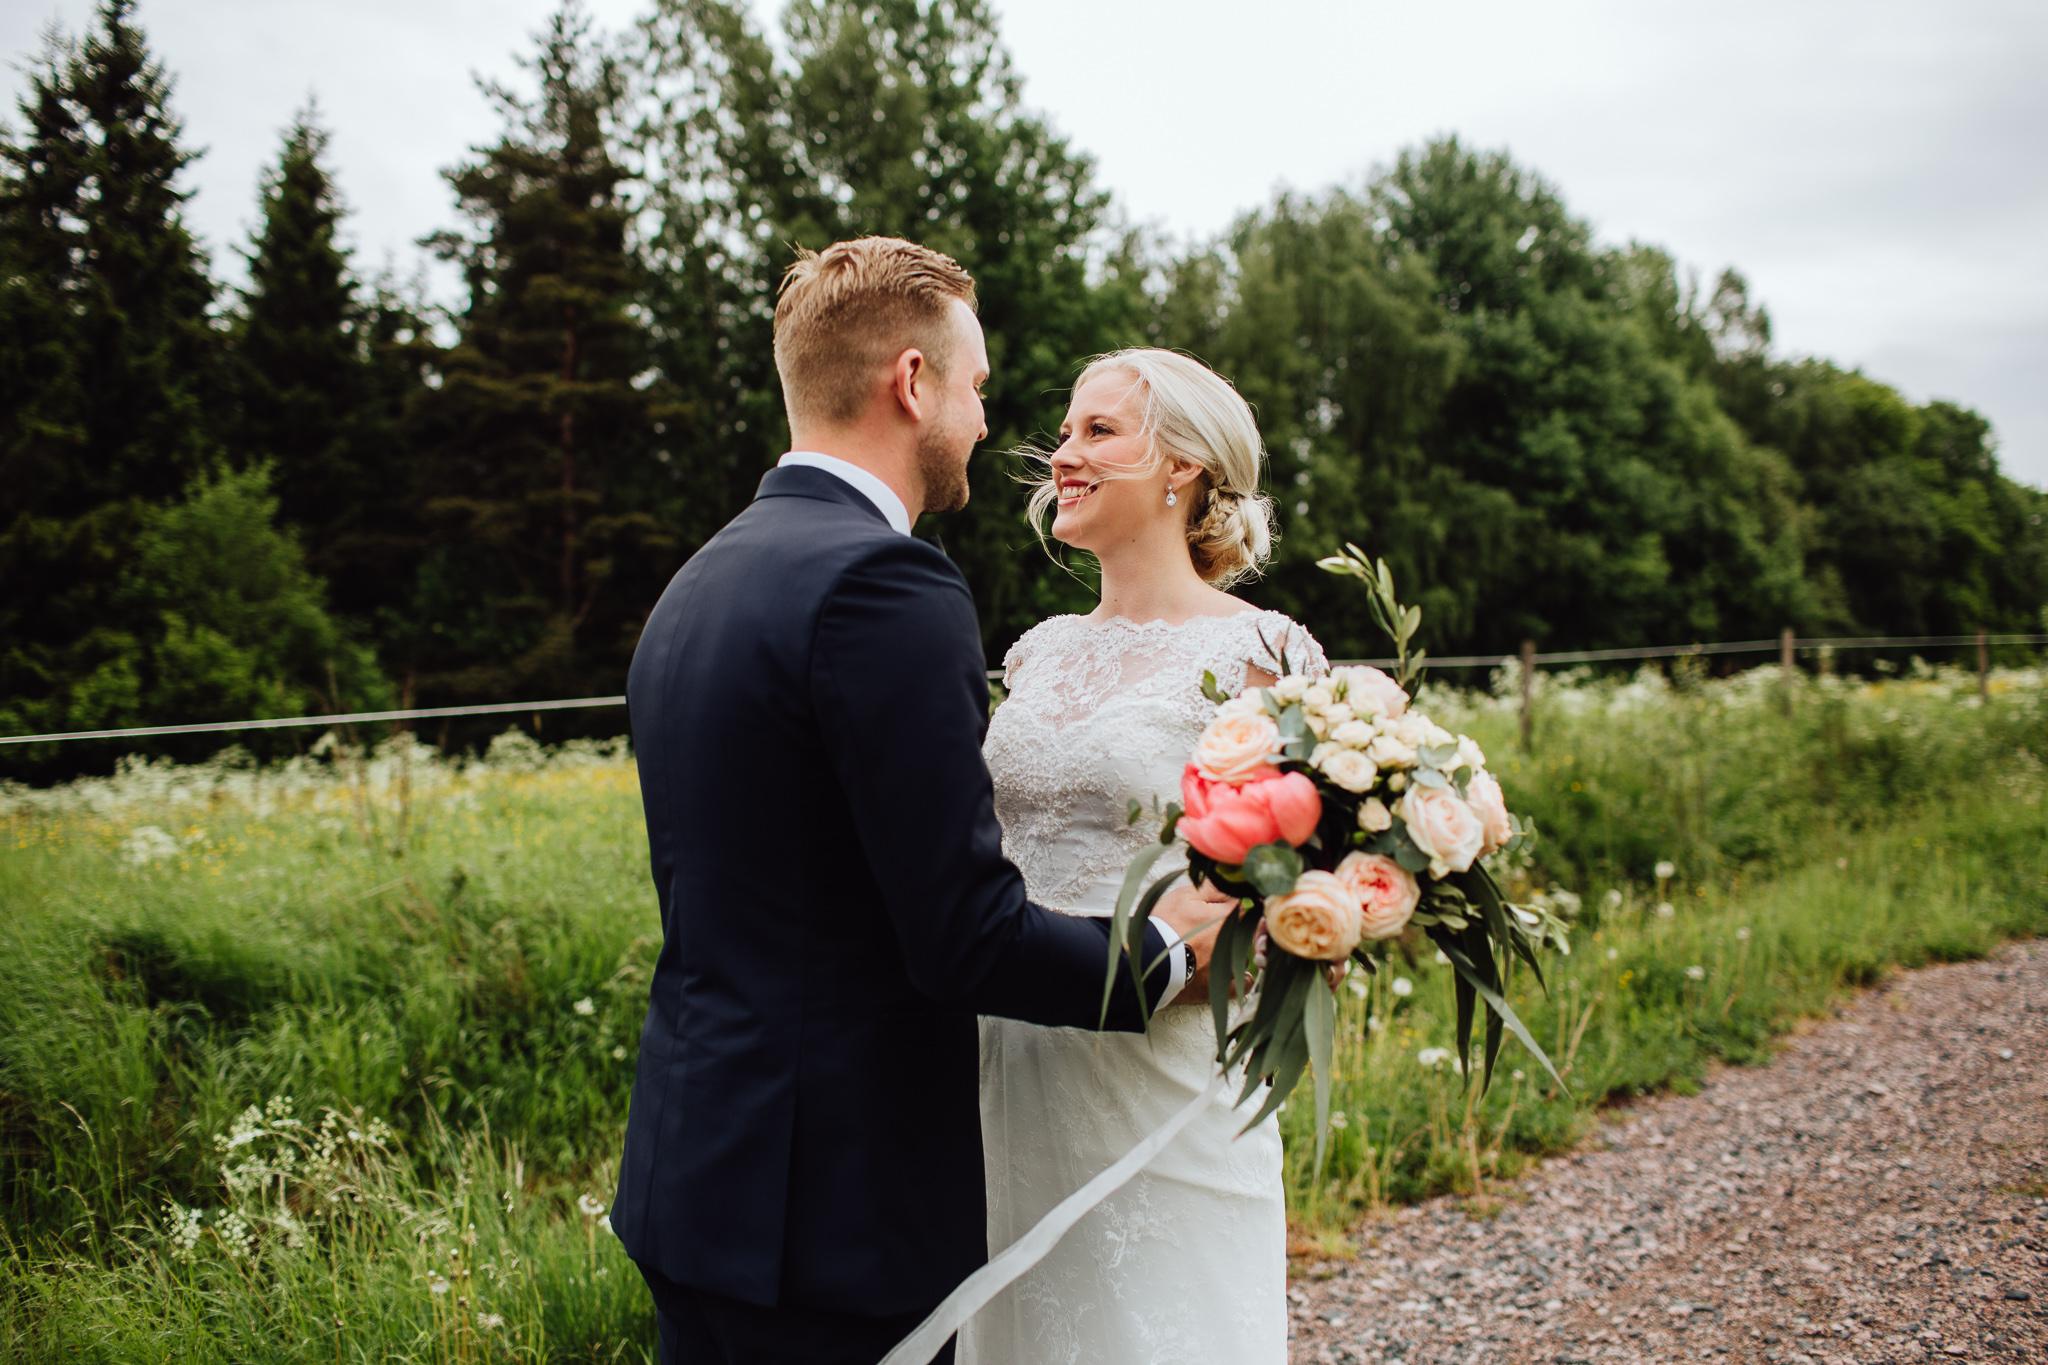 EmmaIvarsson-030617_015.jpg